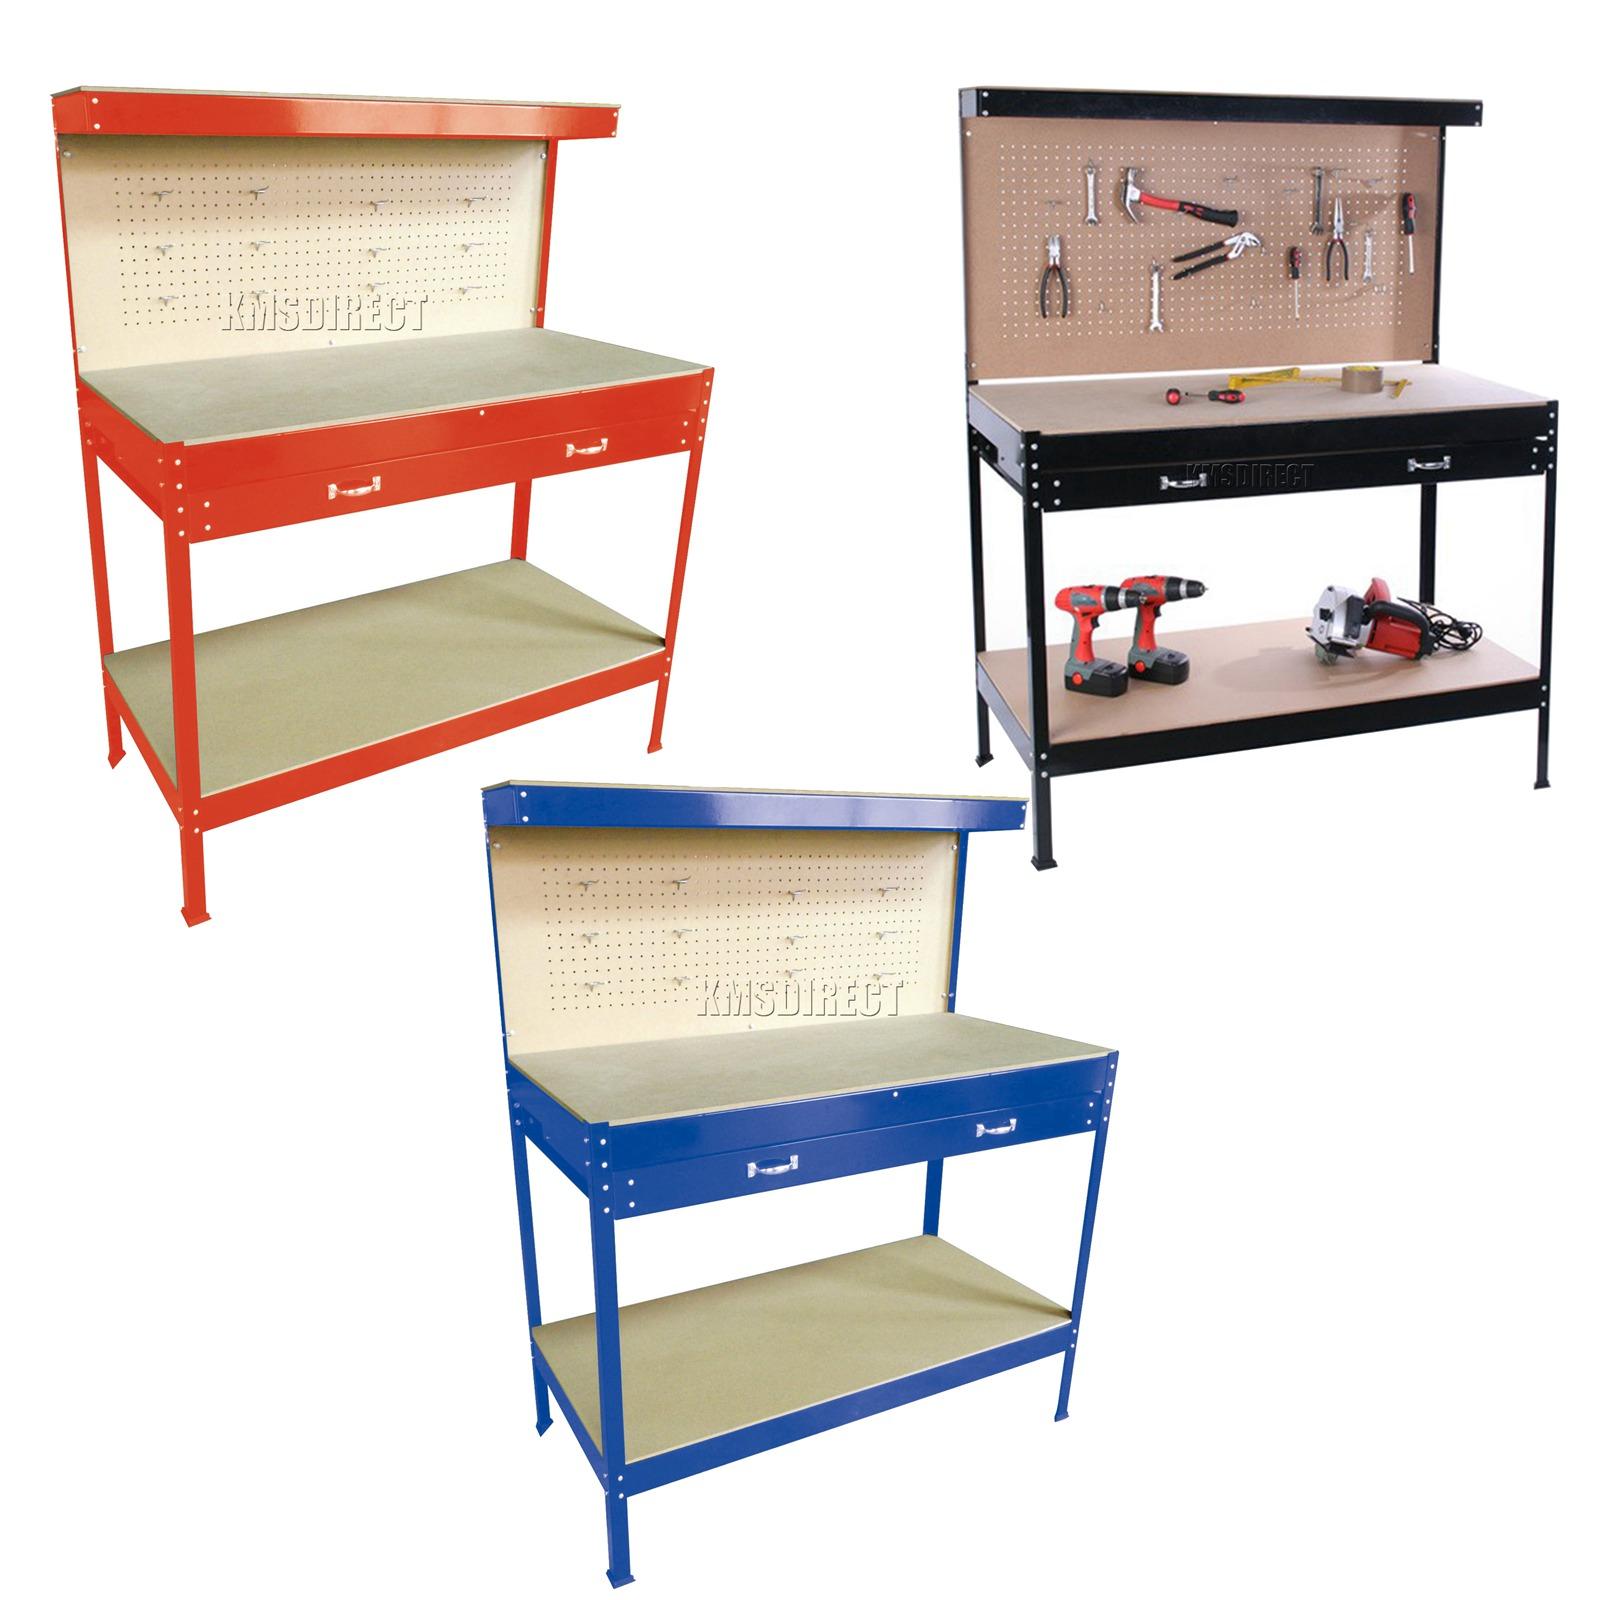 Details Sur Westwood Acier Garage Tool Box Travail Banc Rangement Metal Etagere Bricolage Atelier Afficher Le Titre D Origine